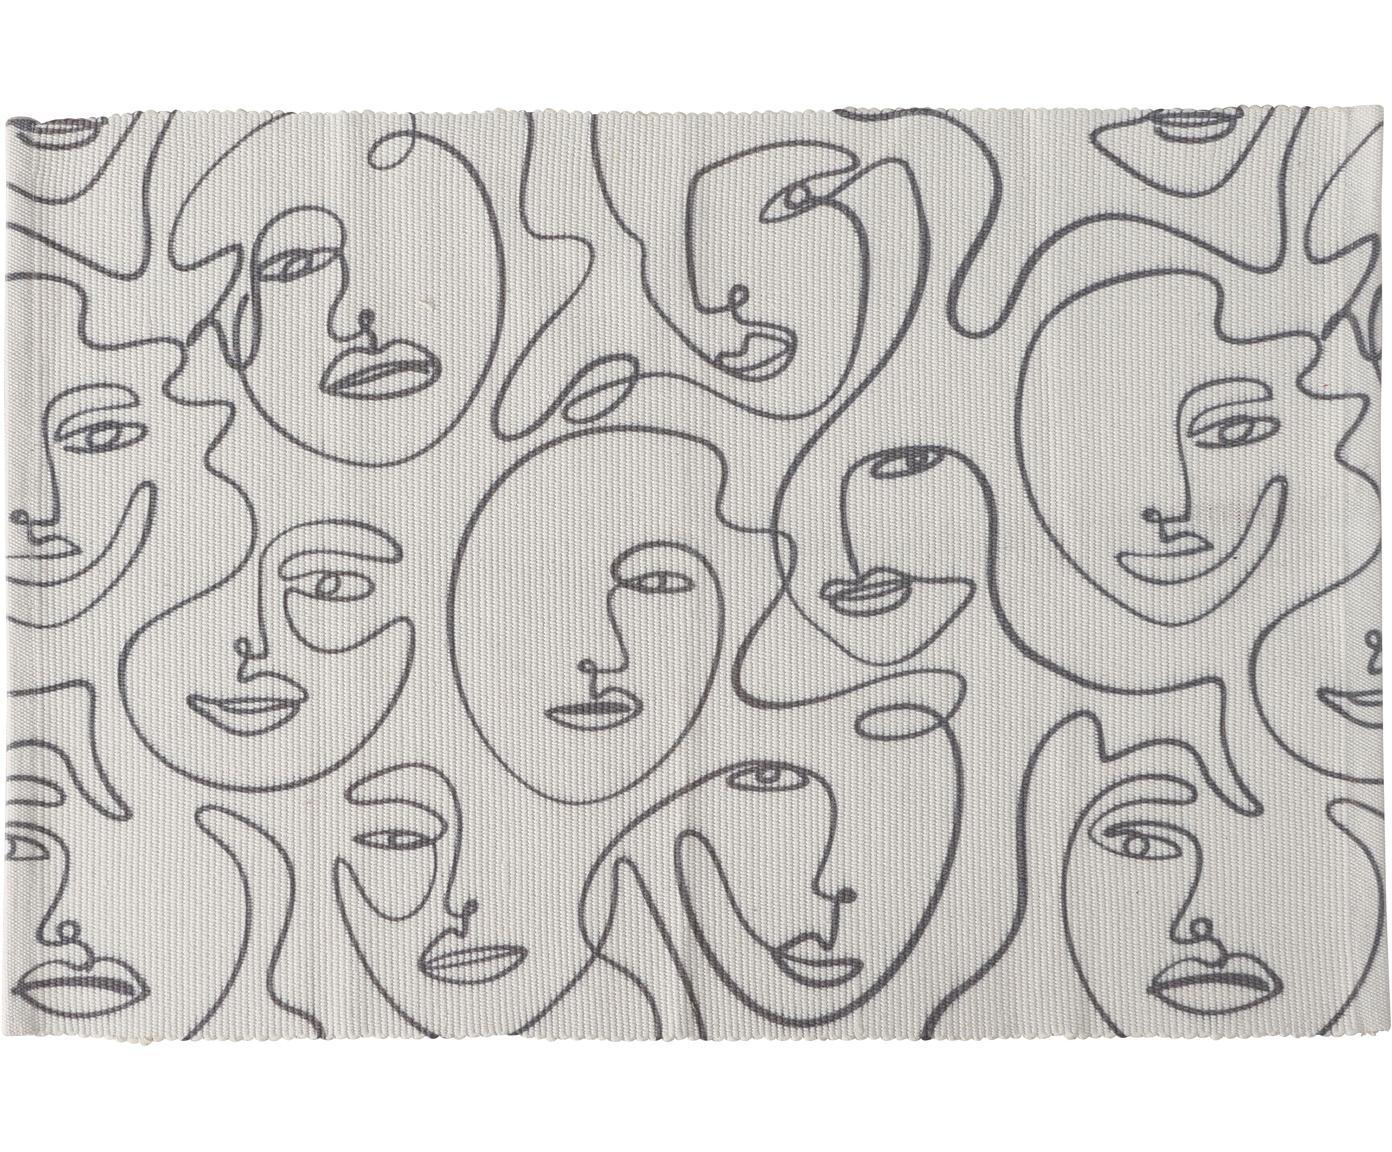 Dywan Picas, 50% bawełna, 50% poliester, Złamana biel, czarny,, S 60 x D 90 cm (Rozmiar XXS)